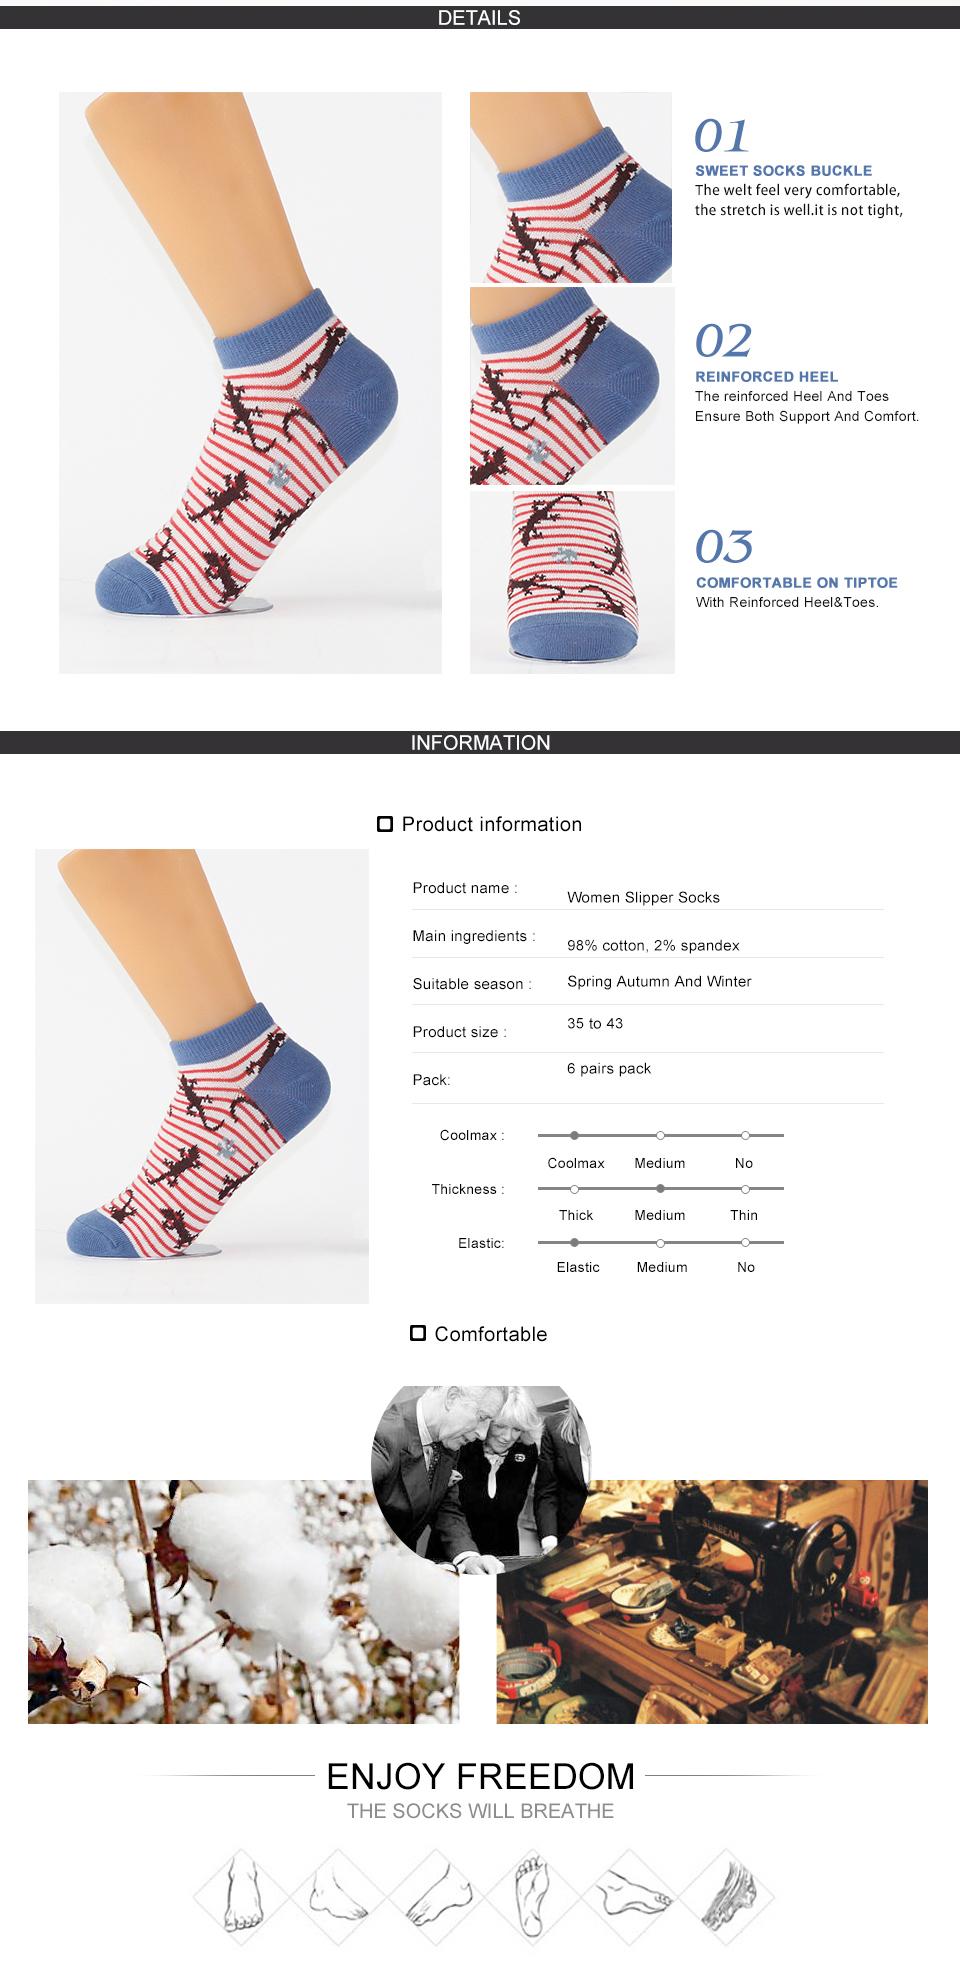 Cotton Women Slipper Socks